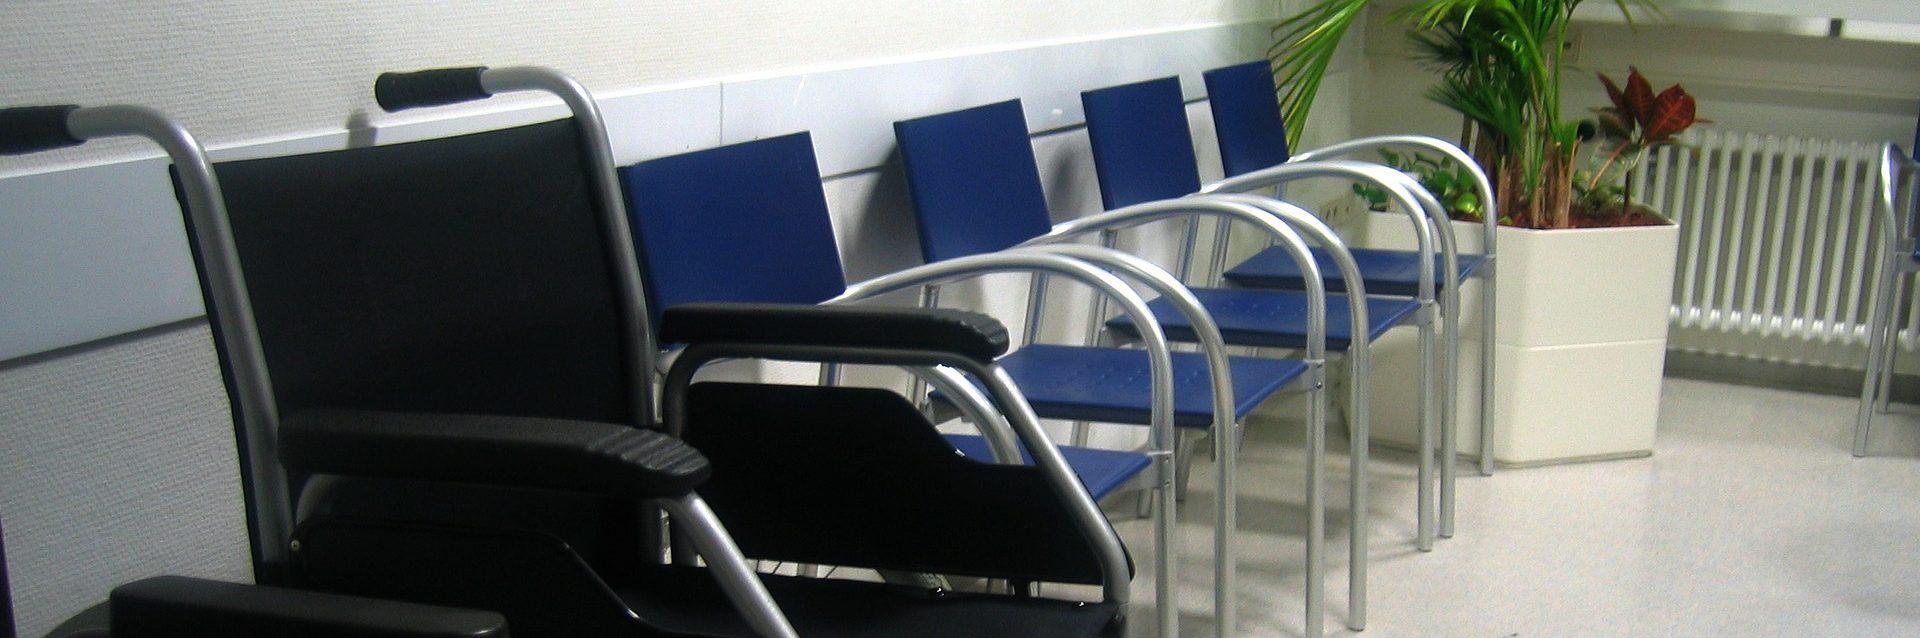 La sala de espera es un relato corto dominical escrito por Miguel Rodríguez Echeandía para su blog personal.